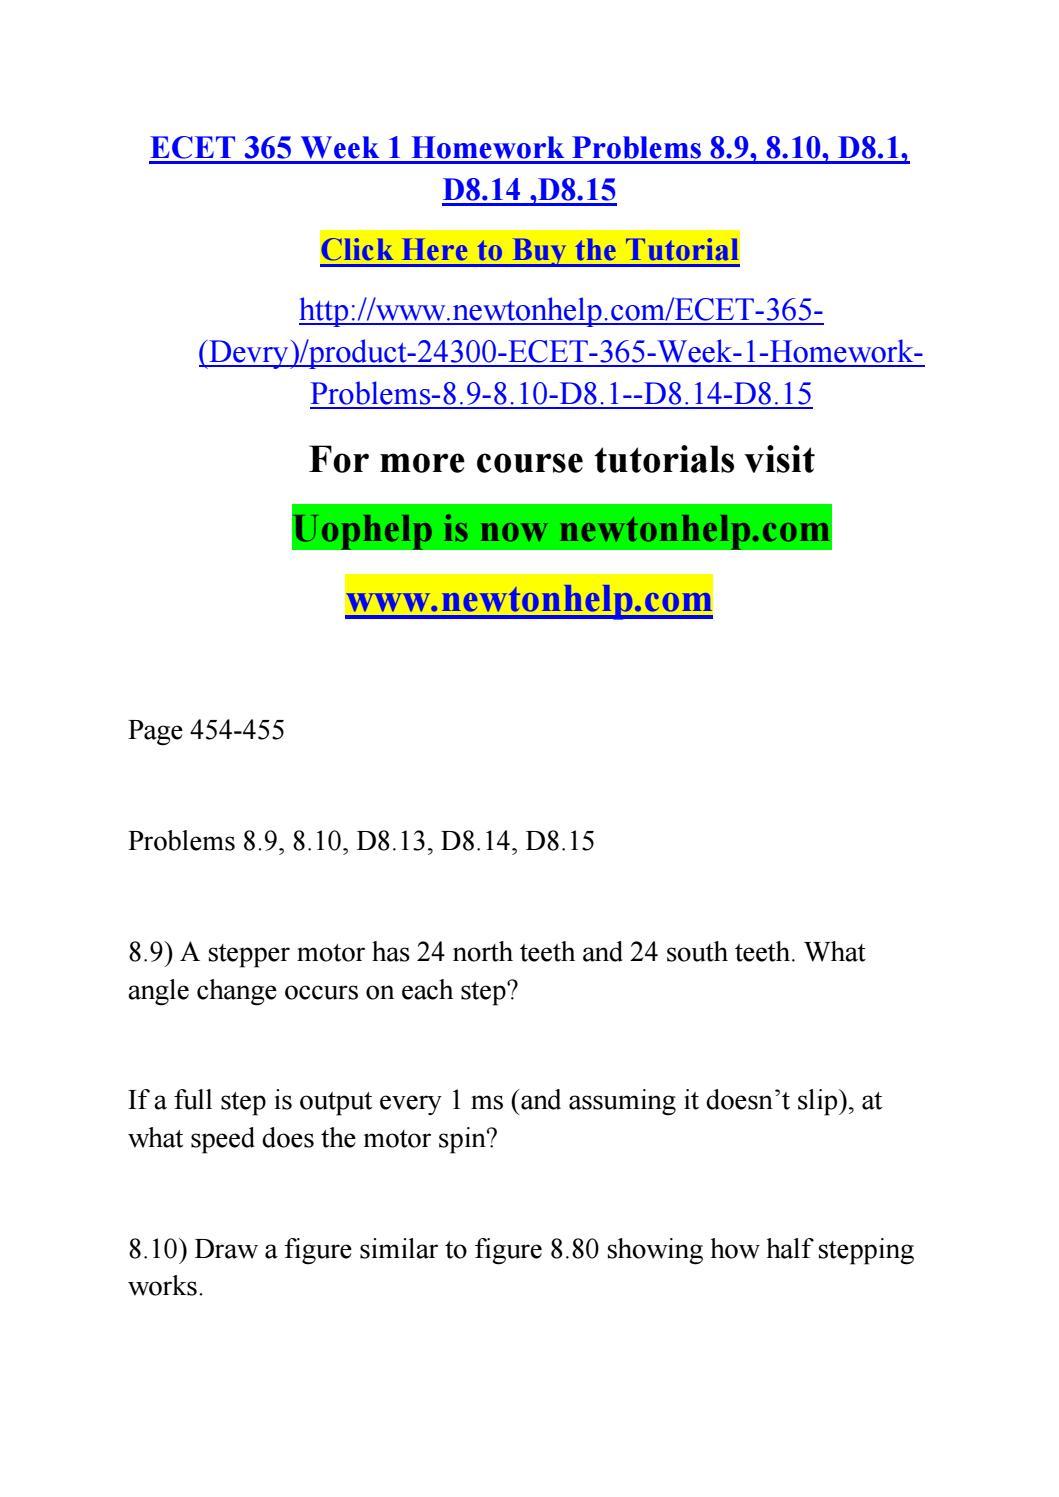 ecet 365 week 1 homework